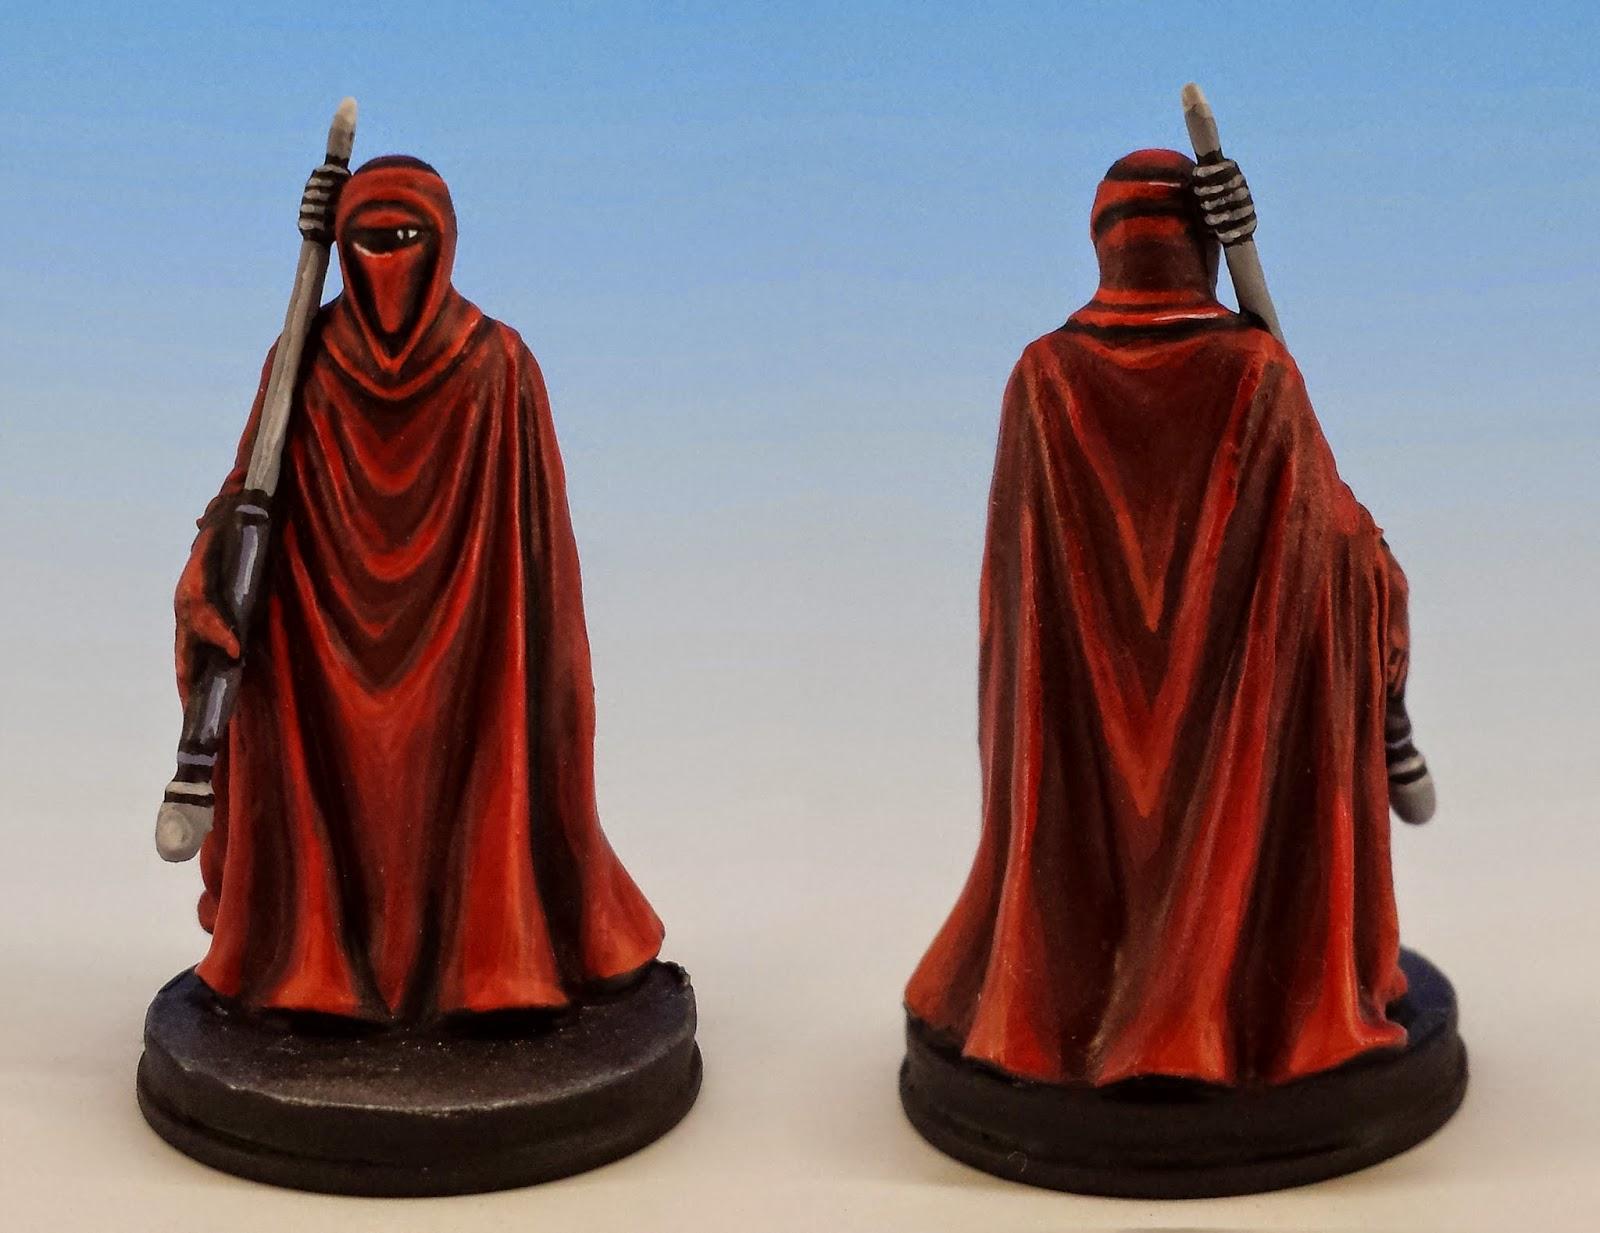 Star_Wars_Miniatures_Emperors_Guard_Oldenhammer_006.jpg